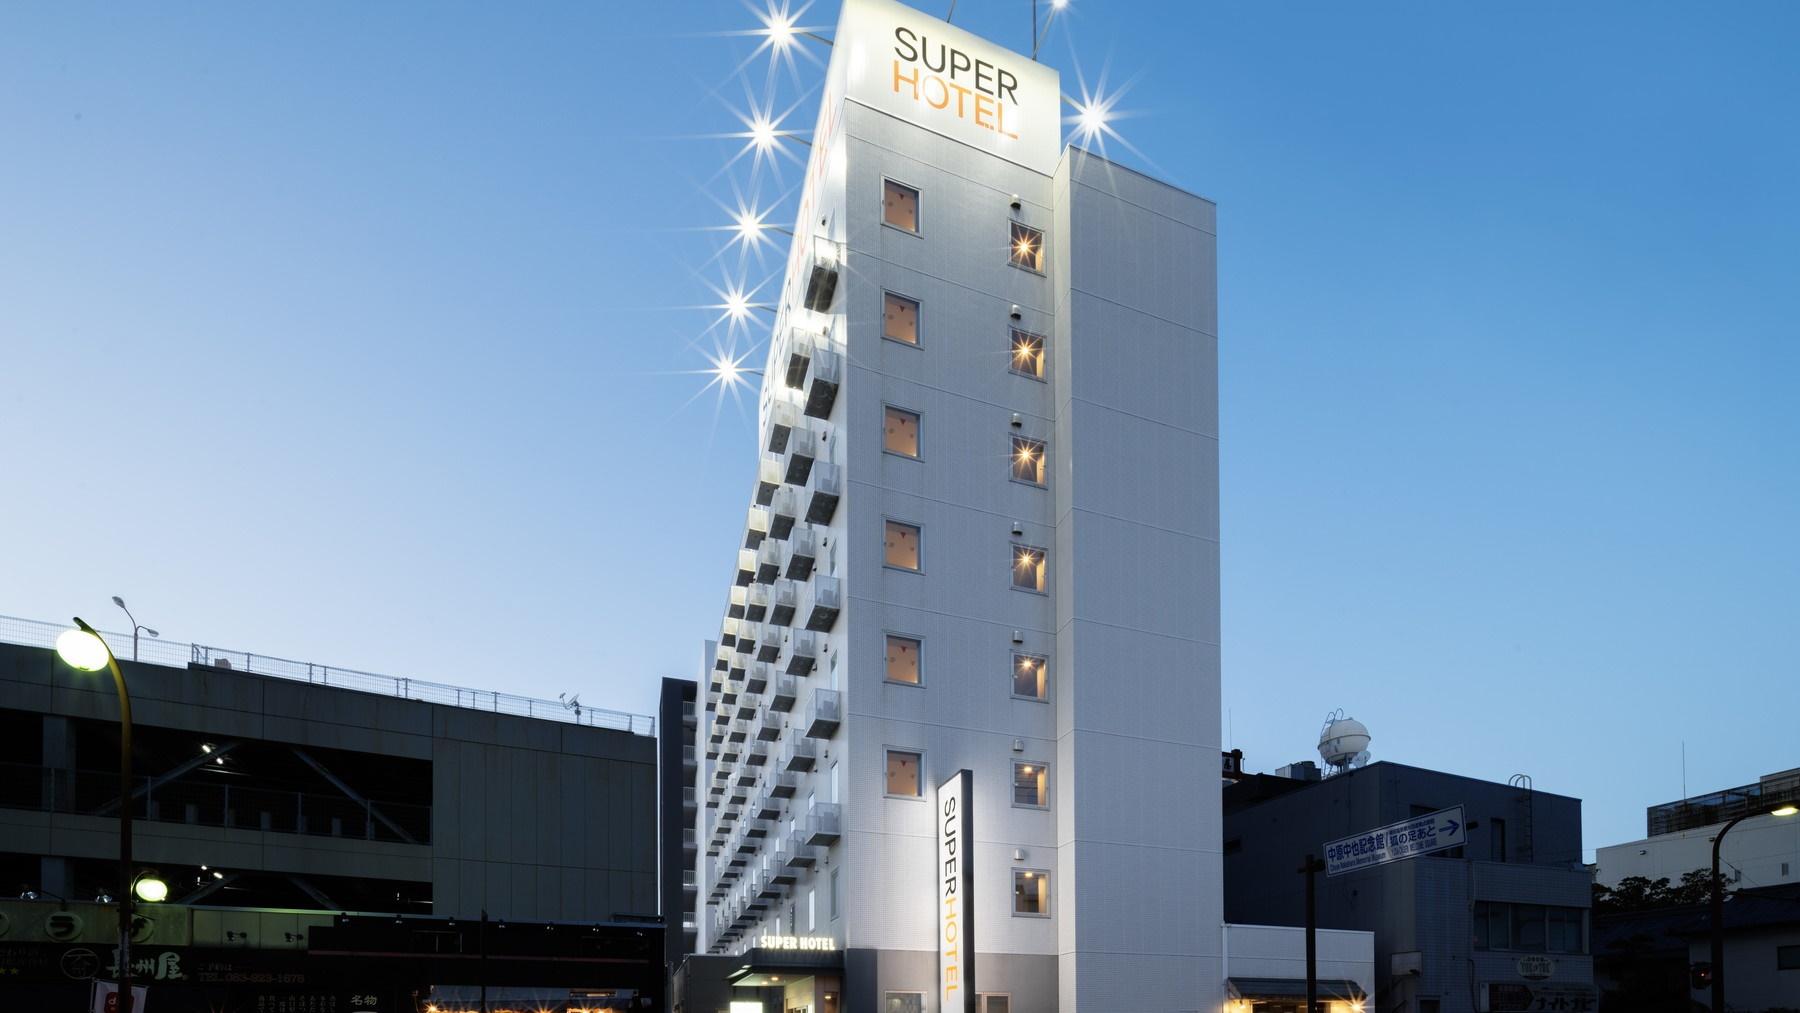 天然温泉 白狐の湯 スーパーホテル山口湯田温泉(2021年3月19日新館OPEN) image